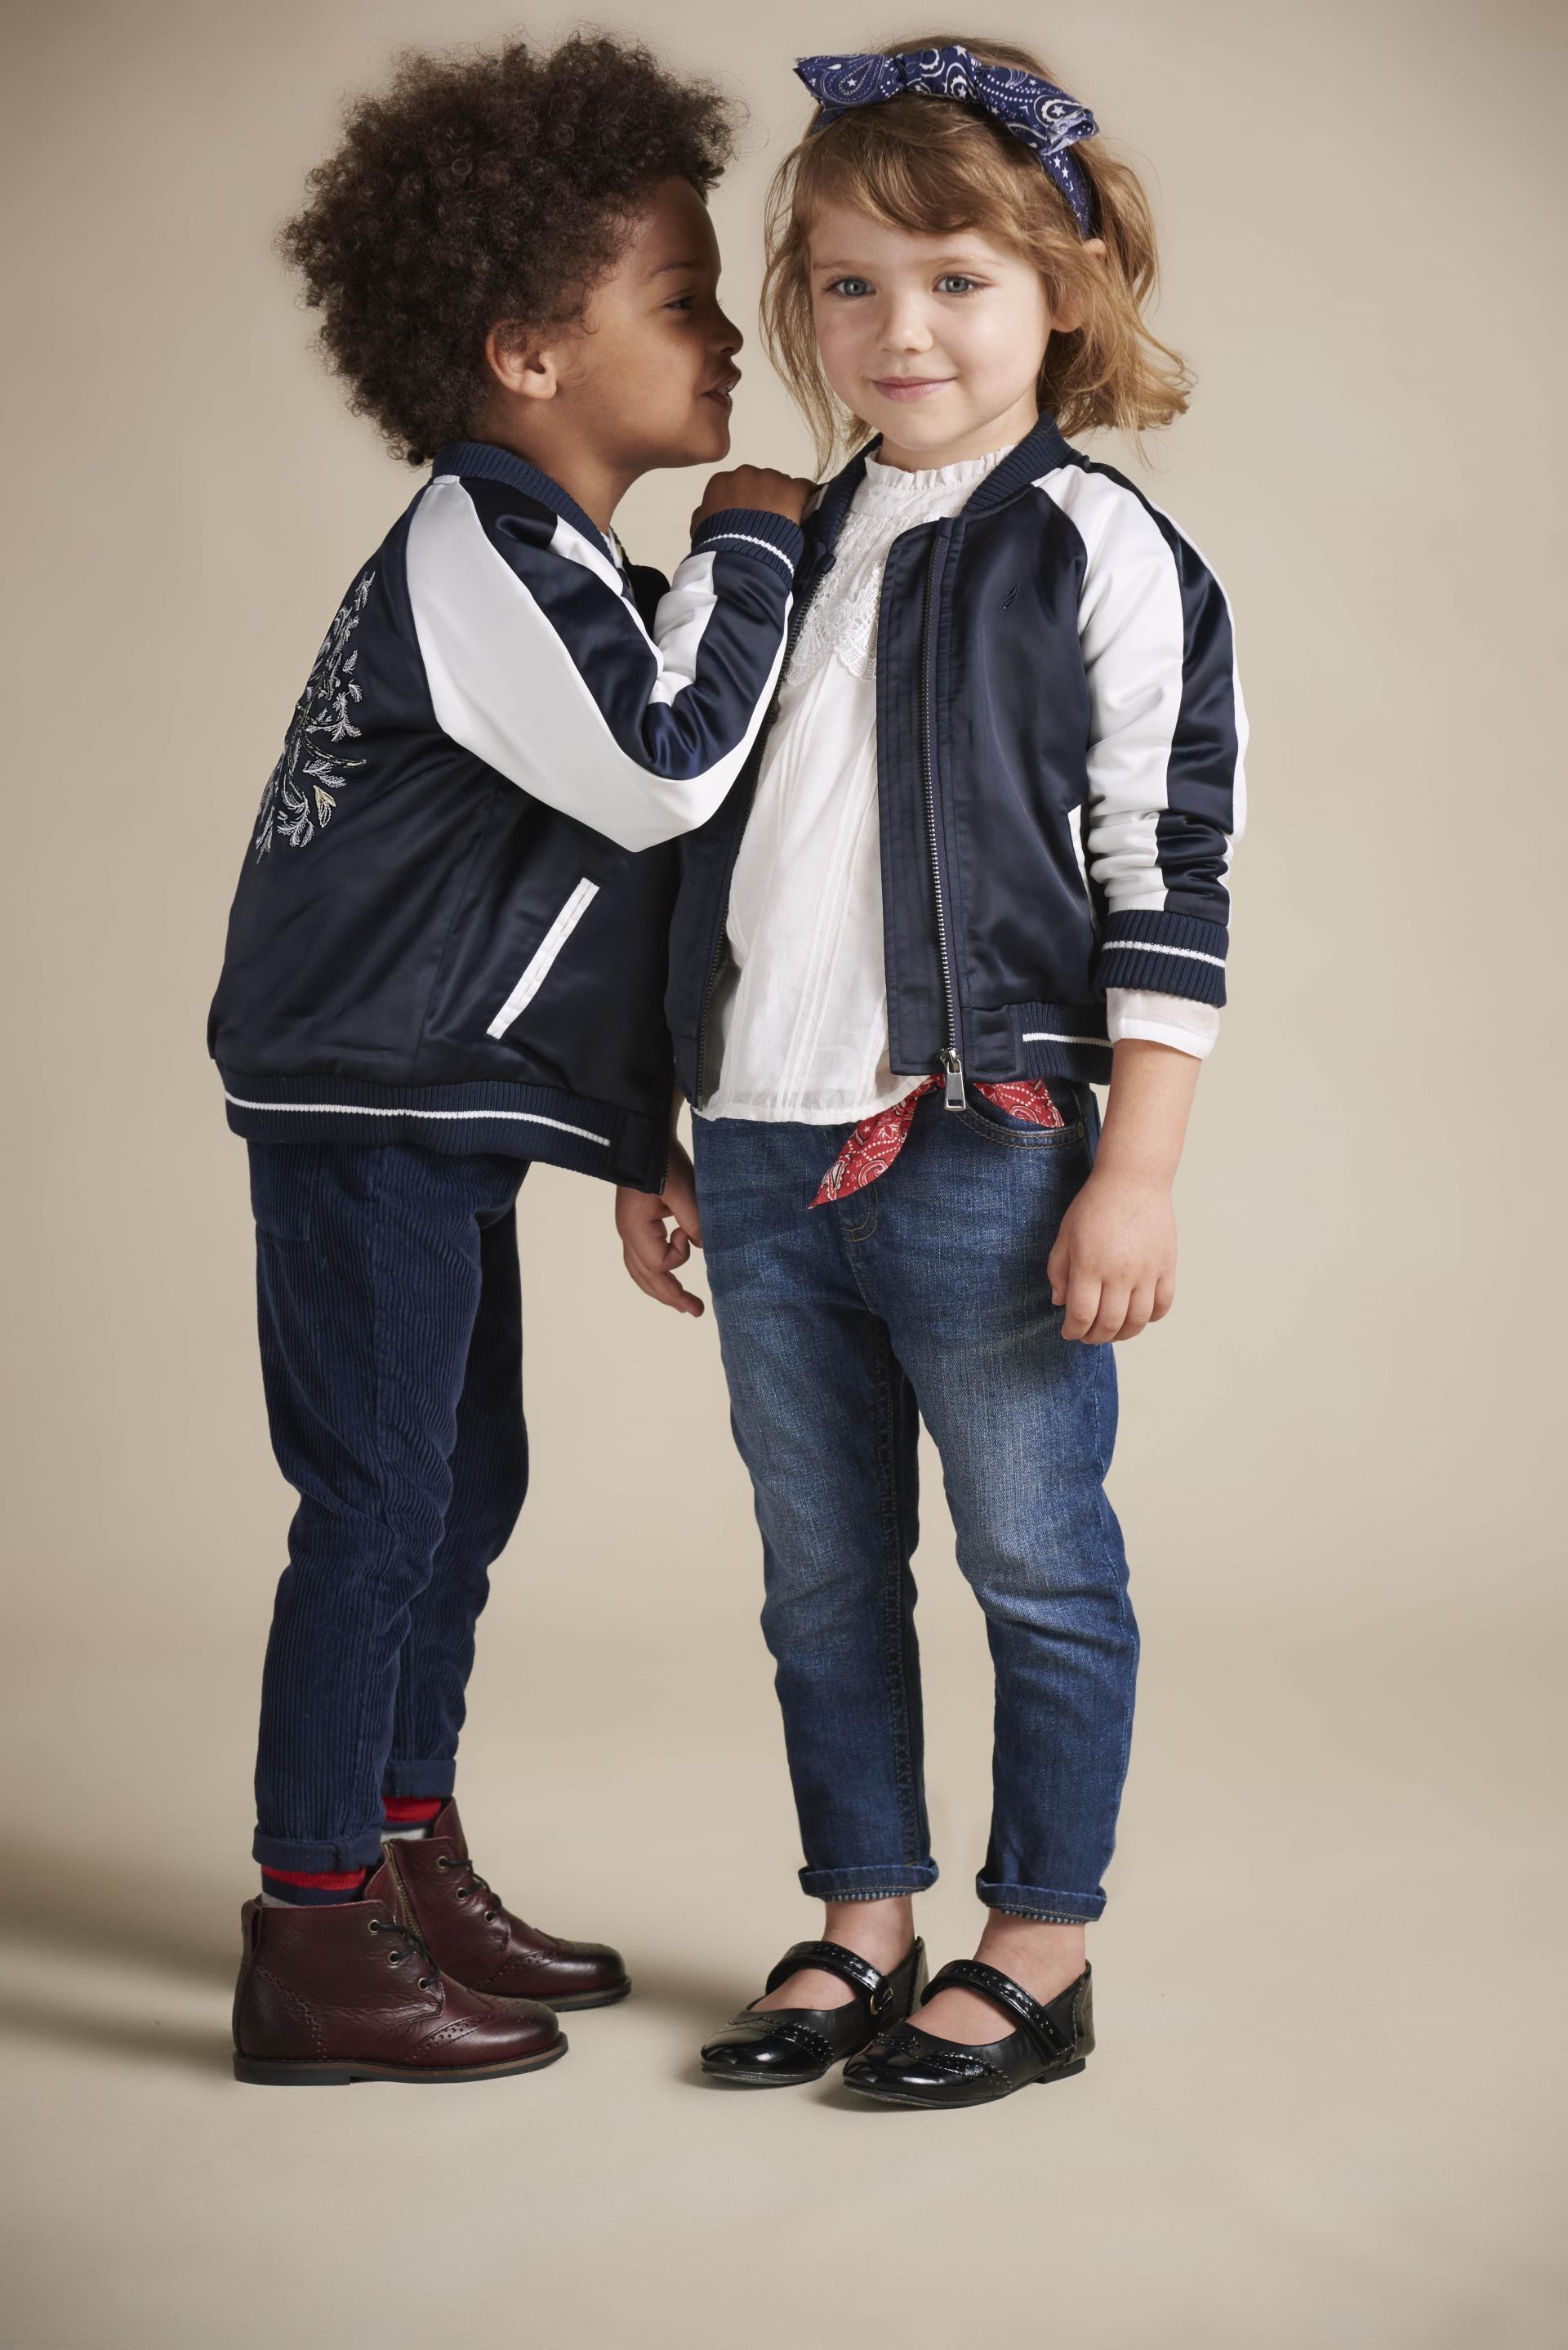 River Island Mini x Julia Restoin Roitfeld childrenswear collaboration to launch this autumn